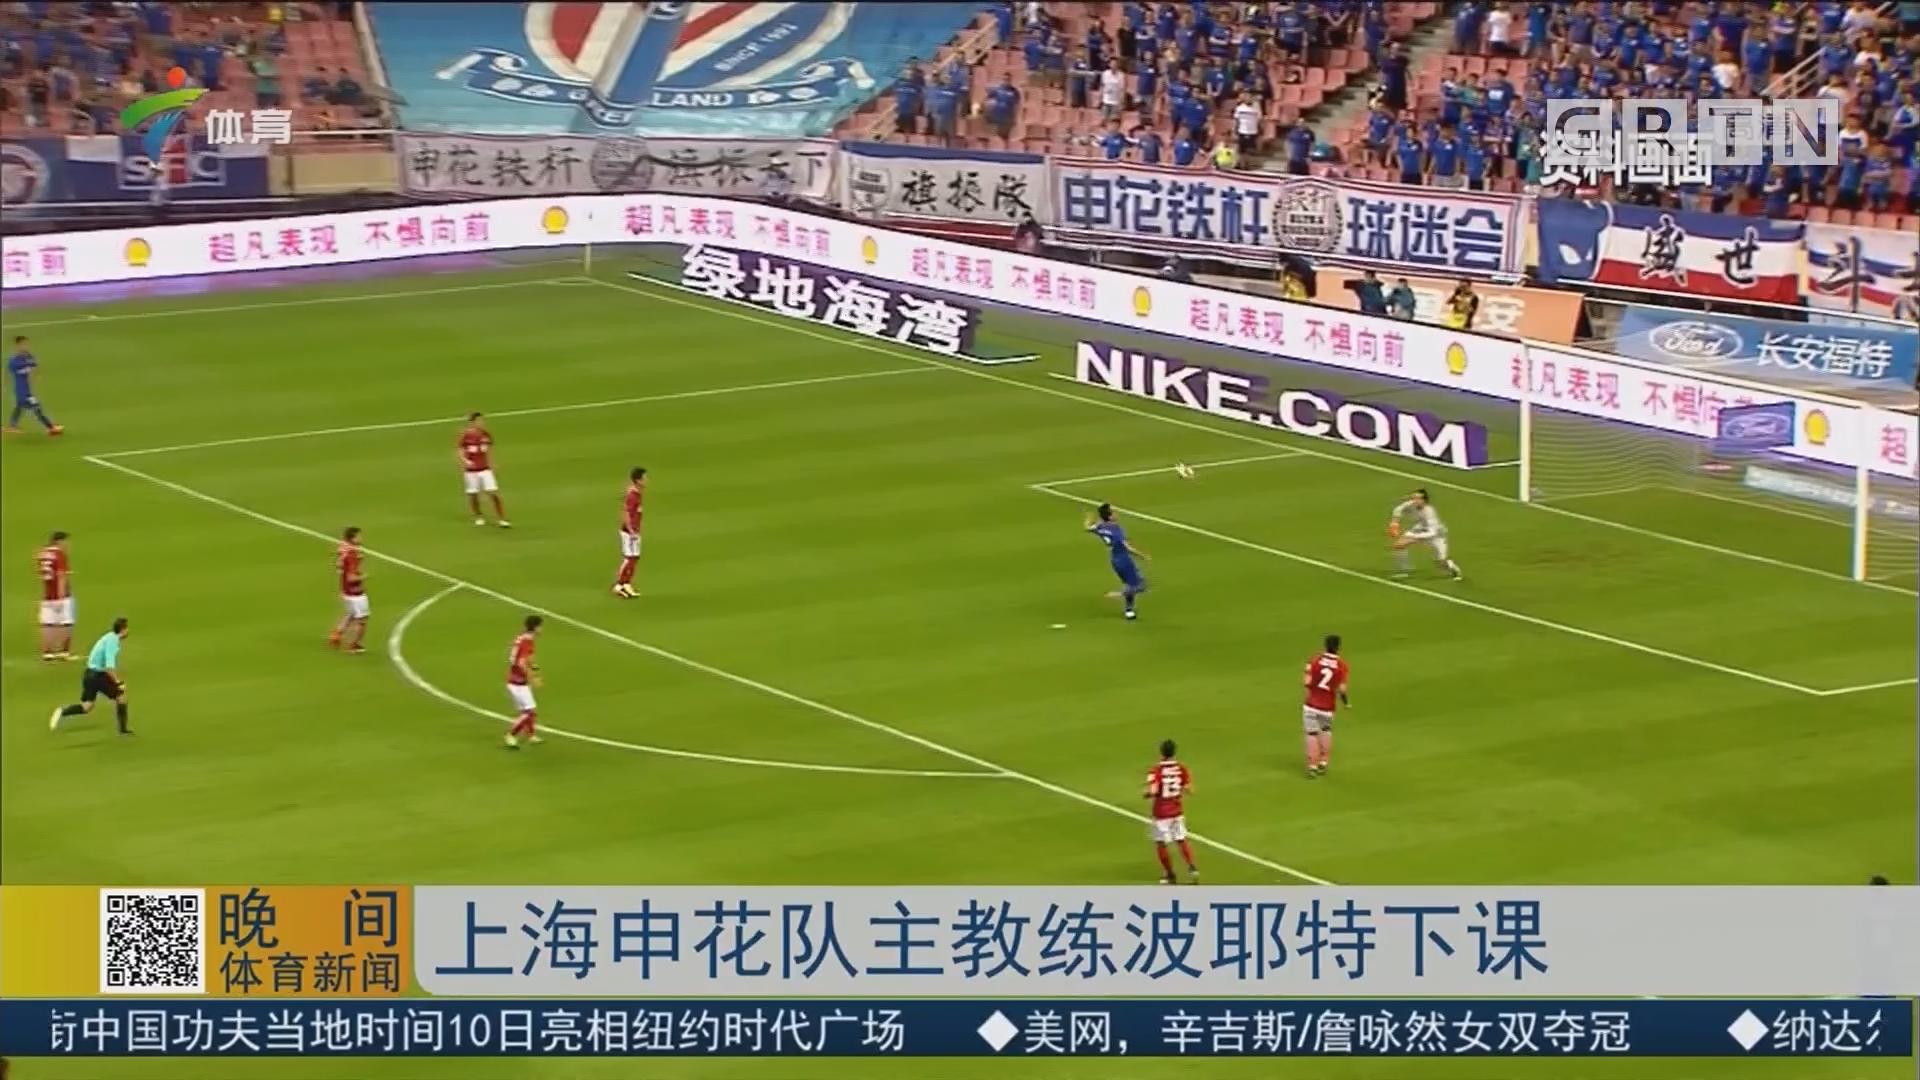 上海申花队主教练波耶特下课